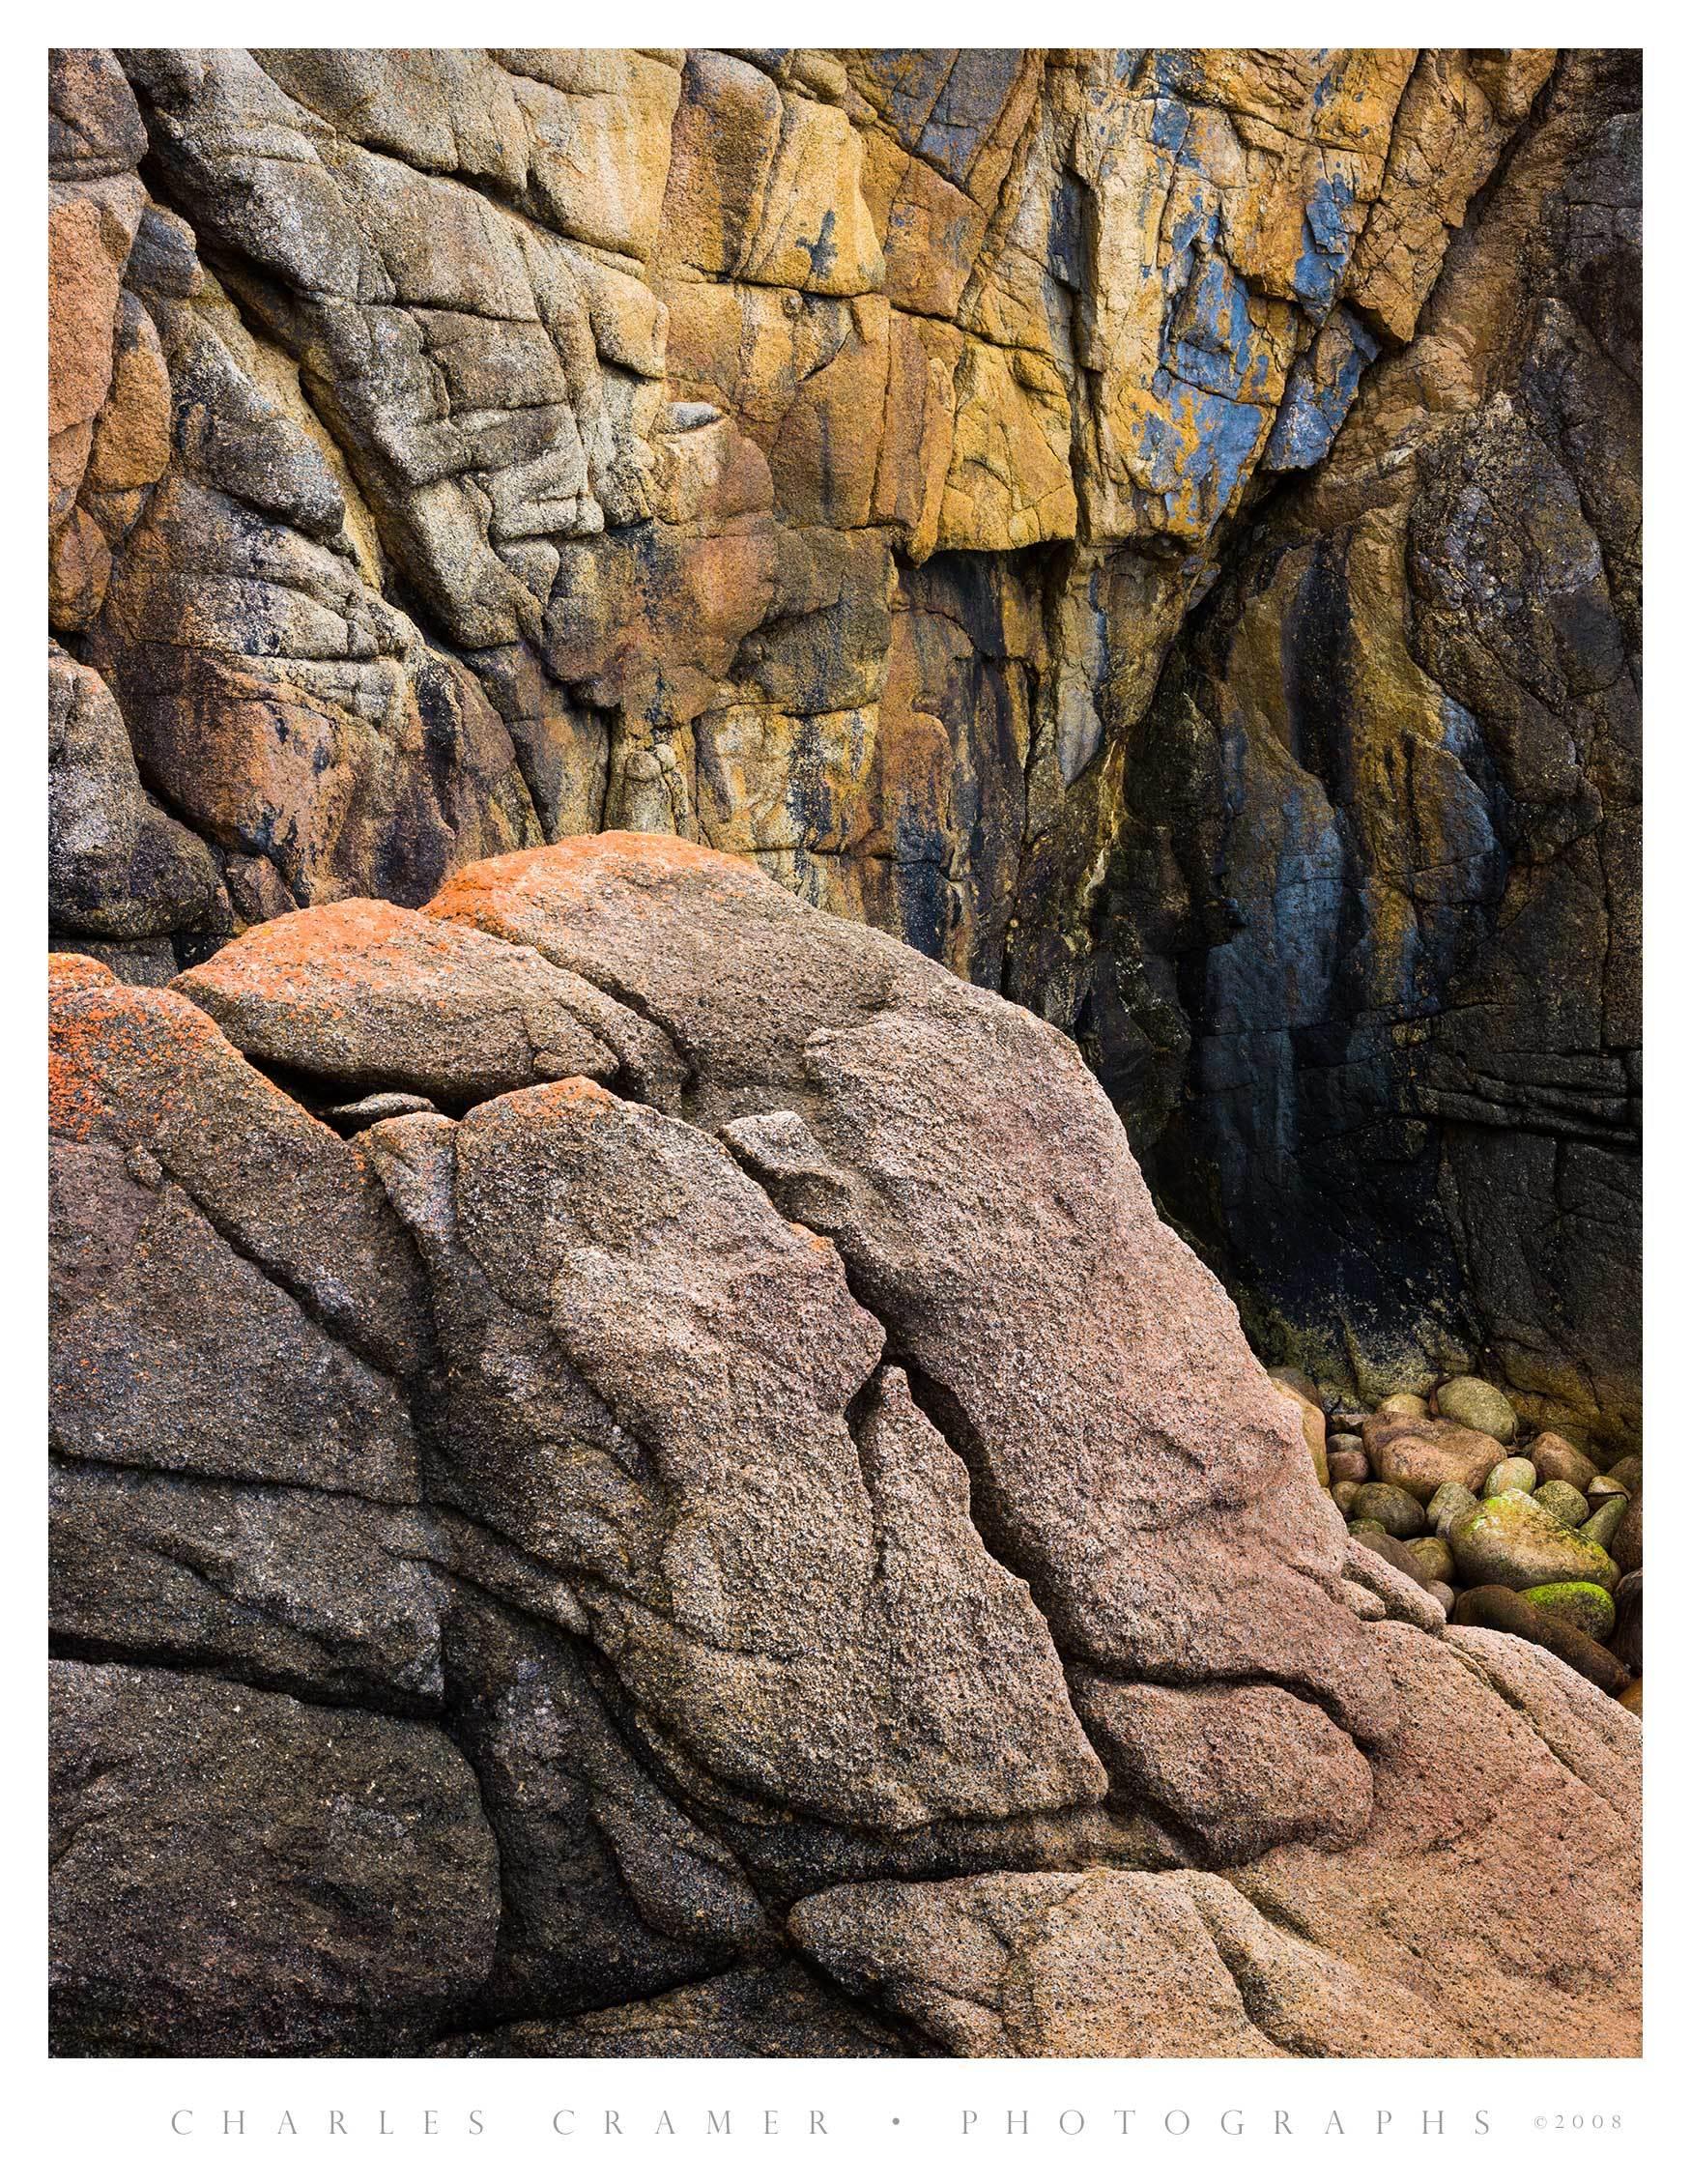 Sleepy Bay, Tasmania, Australia